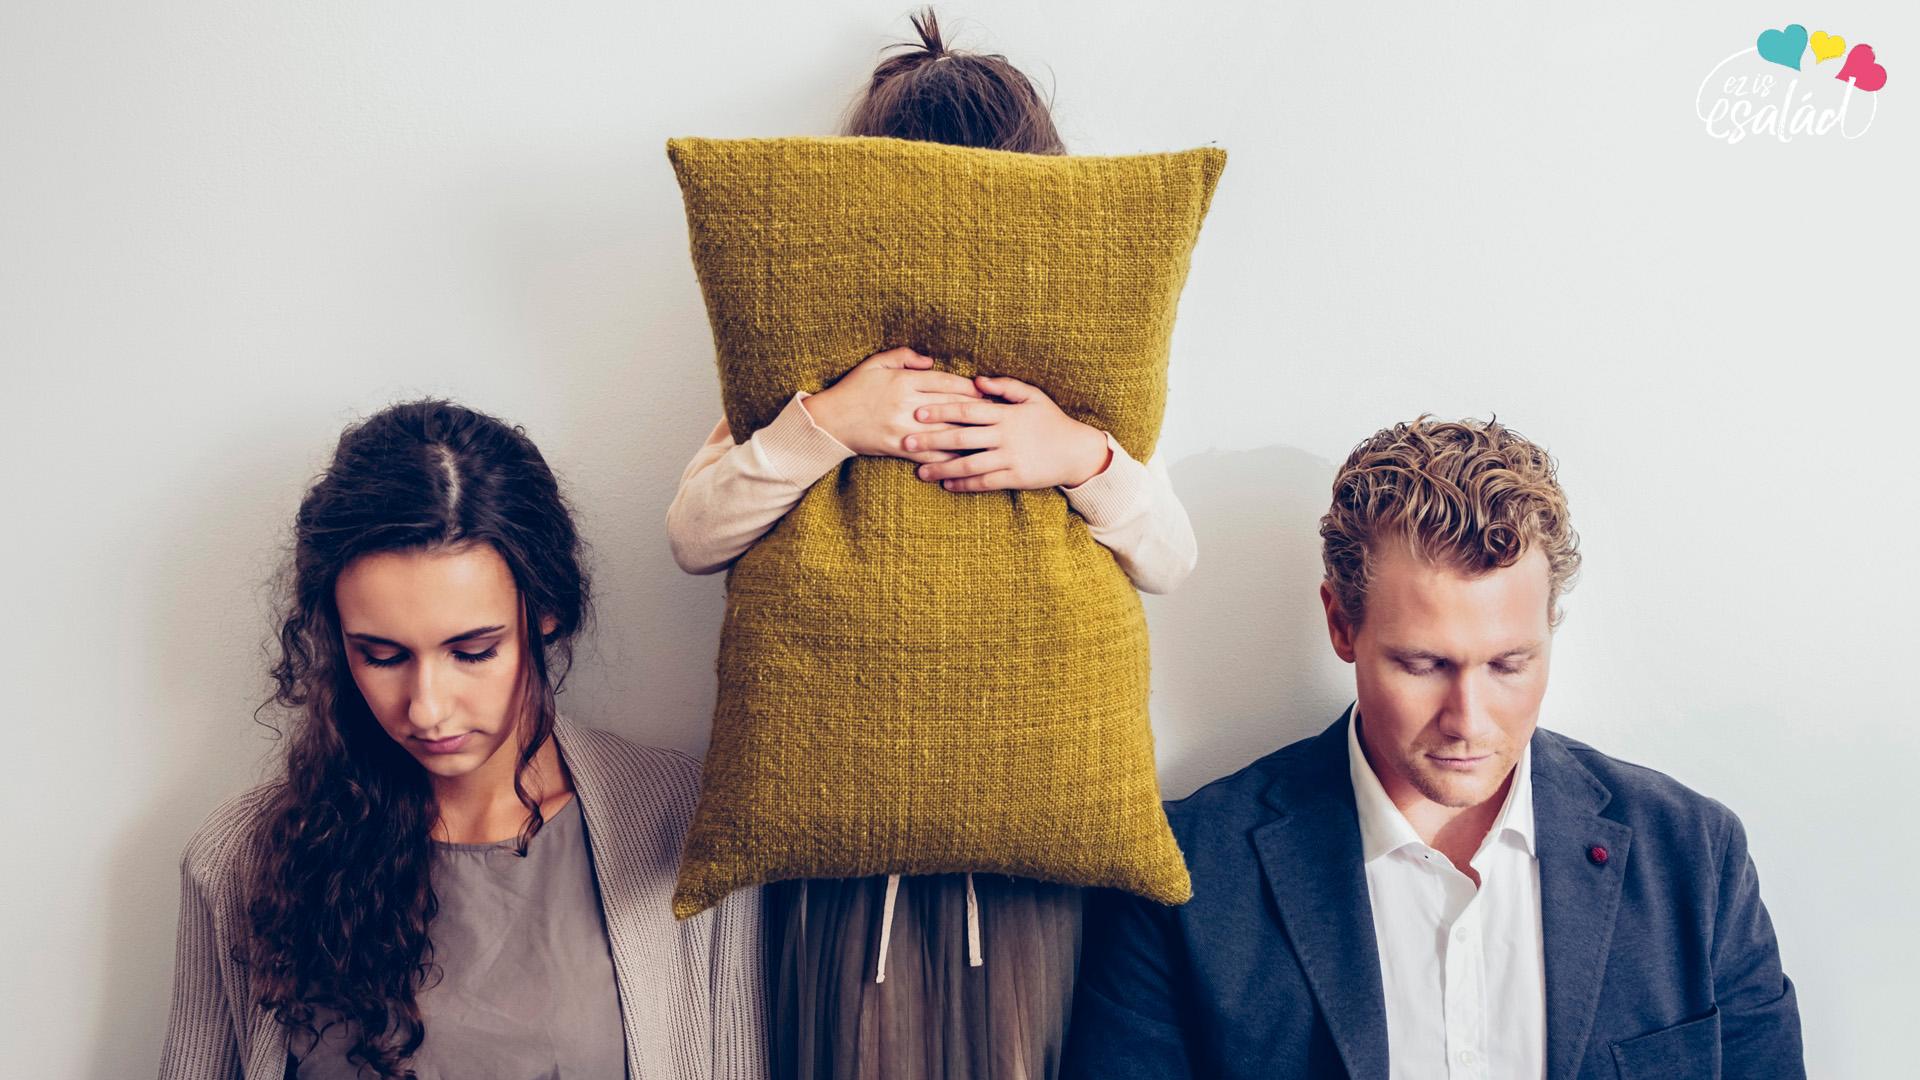 Több lett a válás a pandémia miatt? Mi a leggyakoribb válóok?